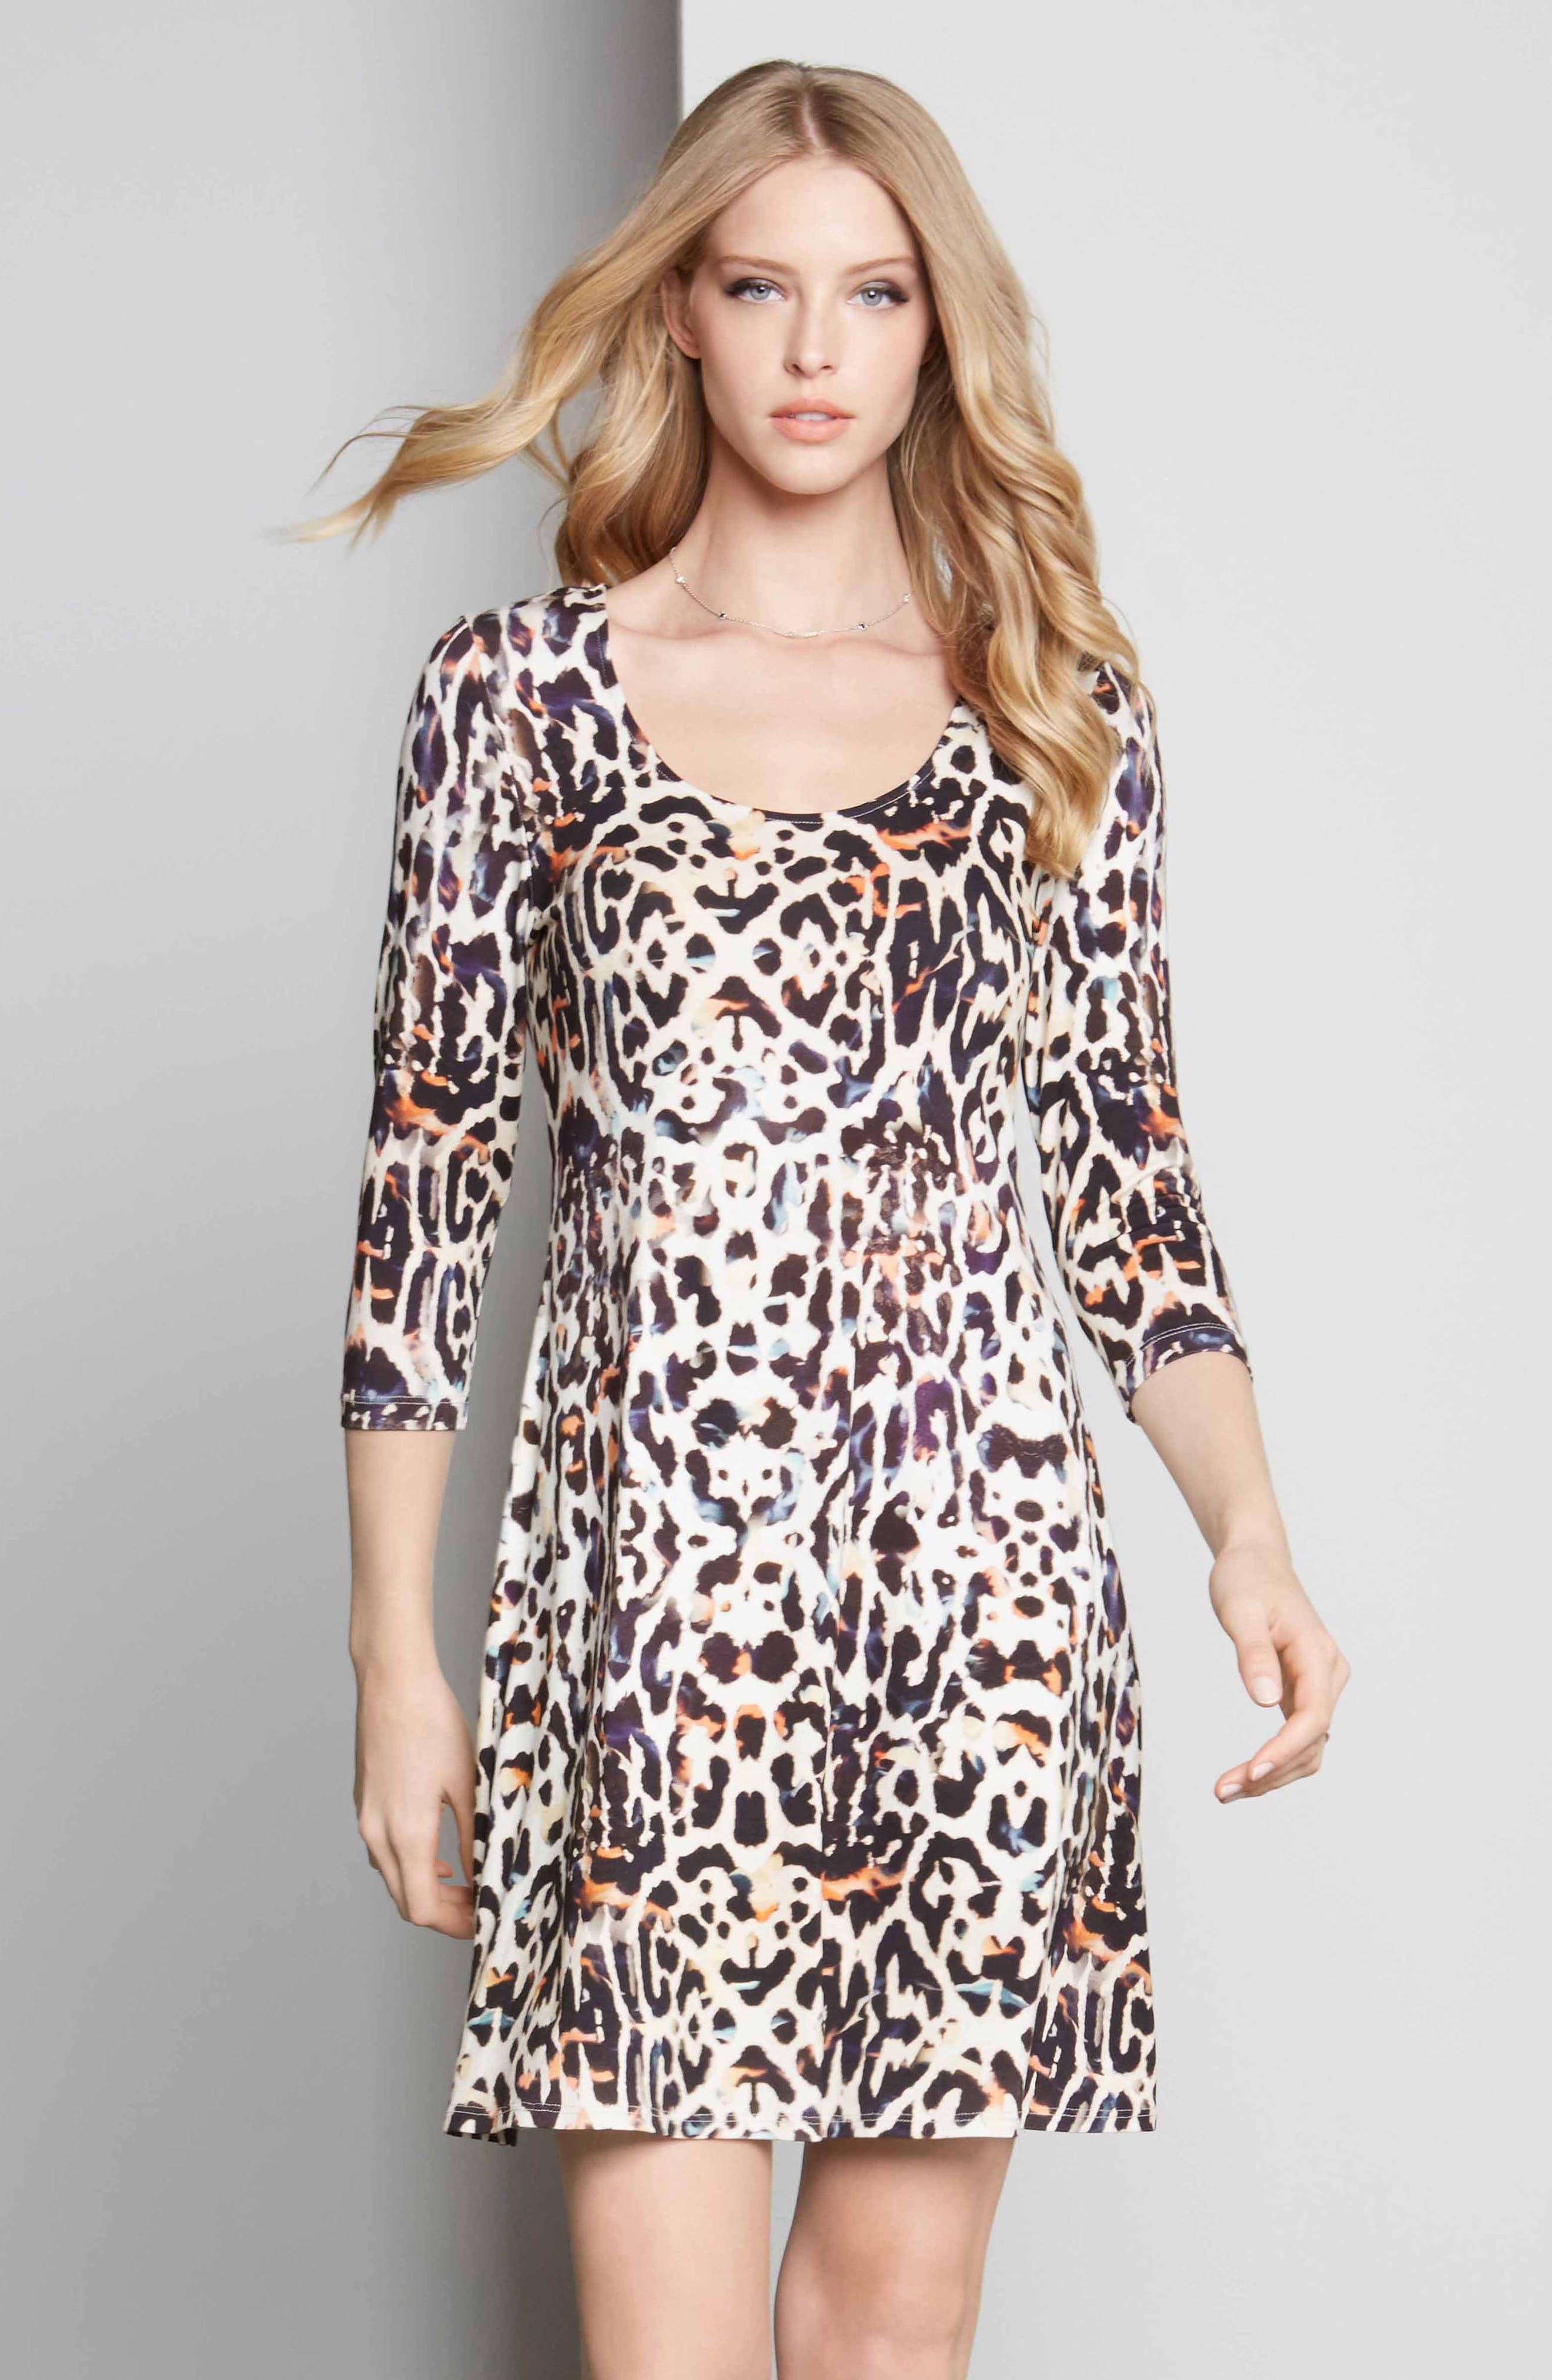 Leopard Print A-Line Dress,                             Alternate thumbnail 3, color,                             280